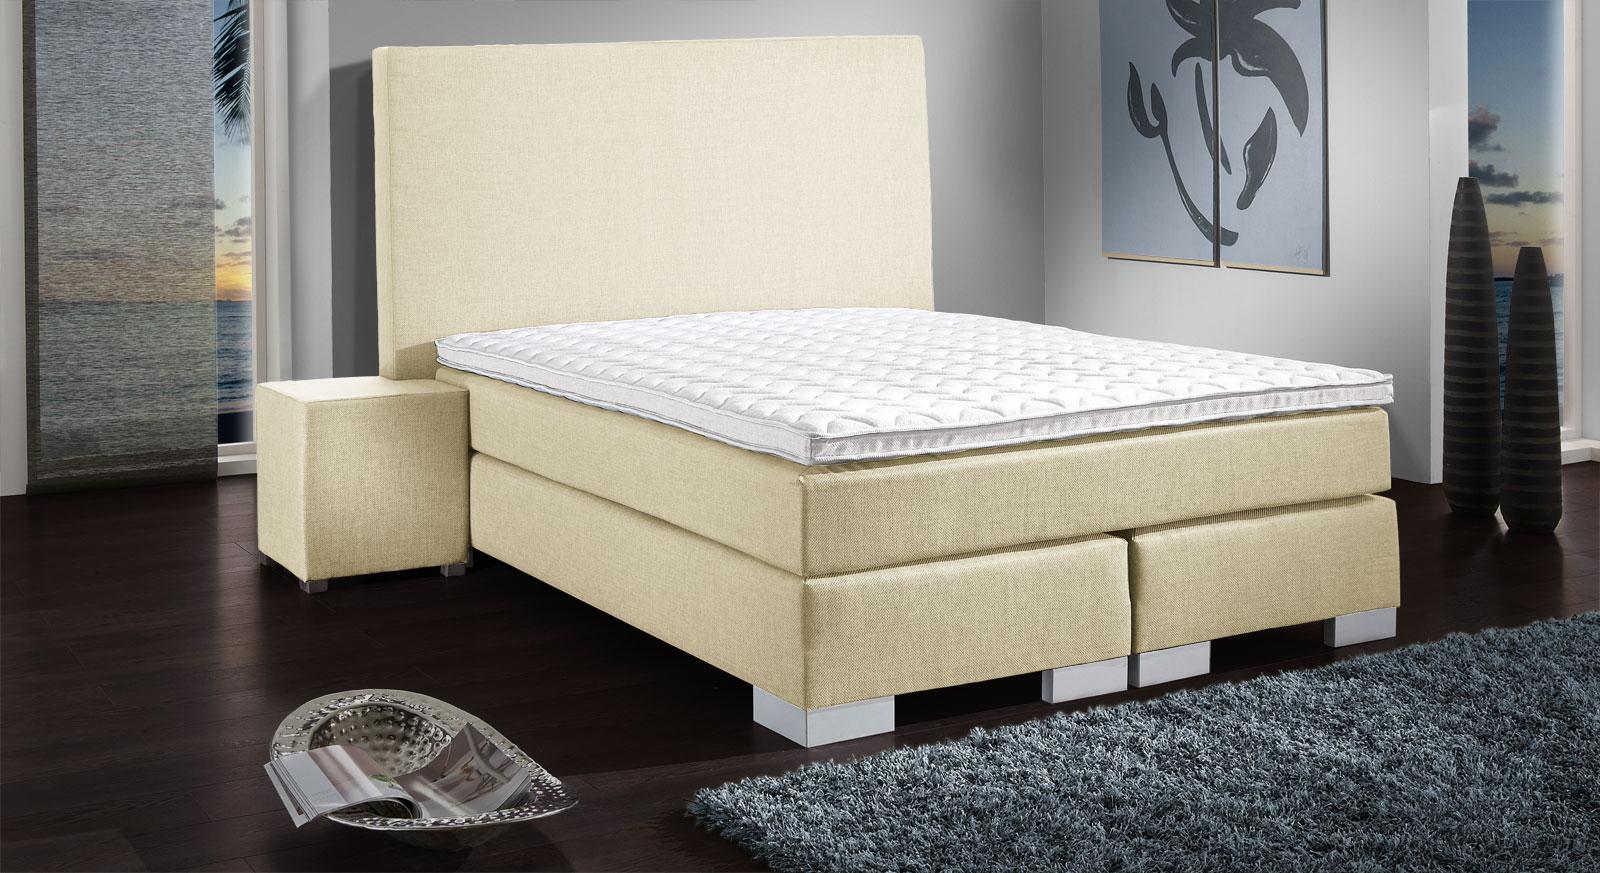 boxspringbett probeliegen und auf rechnung kaufen madeira. Black Bedroom Furniture Sets. Home Design Ideas